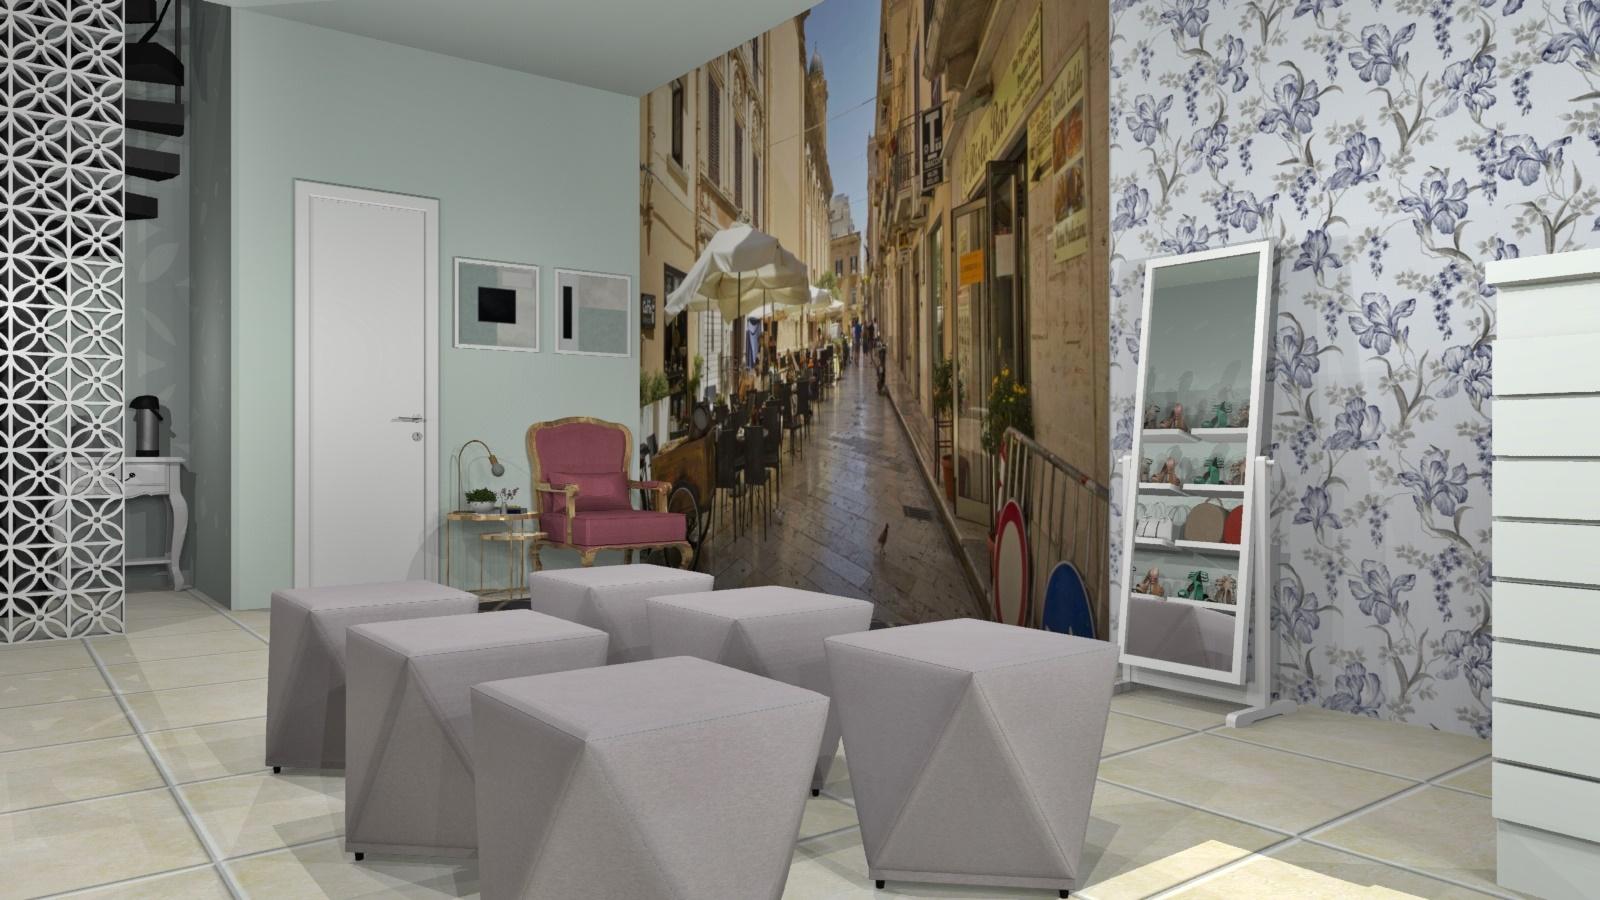 Sala de estar estilo Divertido Romântico